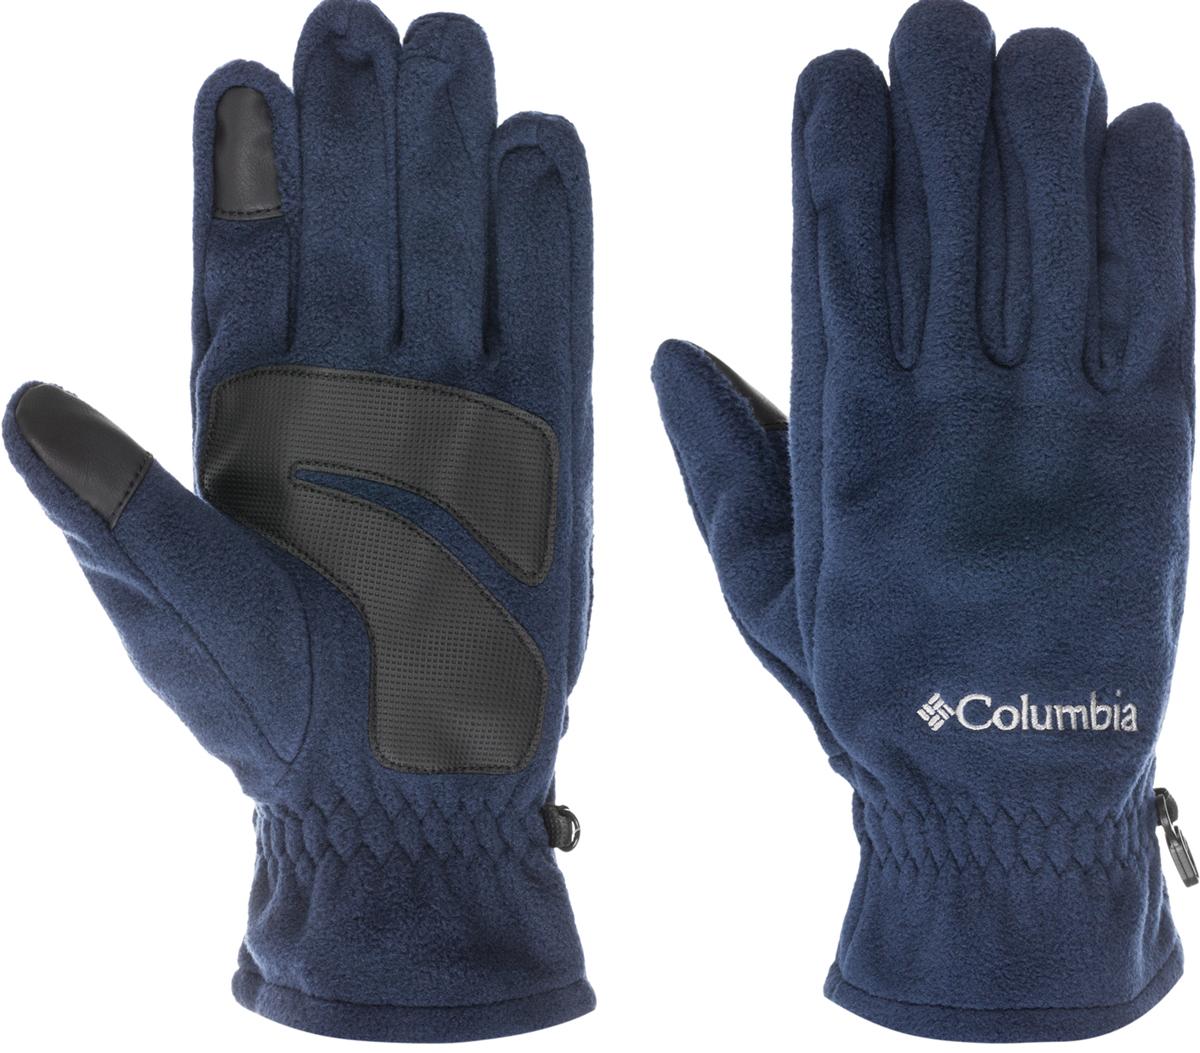 Перчатки жен Columbia W Thermarator Glove Gloves, цвет: синий. 1555861-489. Размер L (9)1555861-489Женские перчатки Columbia W Thermarator Glove предназначены для занятий активными видами спорта и для носки в городе в холодную погоду.Изделие выполнено из мягкого, высококачественного материала, запястья дополнены эластичной резинкой для наилучшего прилегания и защиты от продувания. Текстурированное укрепление ладони и пальцев в местах наибольшего трения защищают перчатки от стирания. Изнаночная сторона перчаток выполнена по уникальной технологии Omni-Heat, за счет серебристых точек отражает собственное тепло, а также способствует отведению влаги от тела.